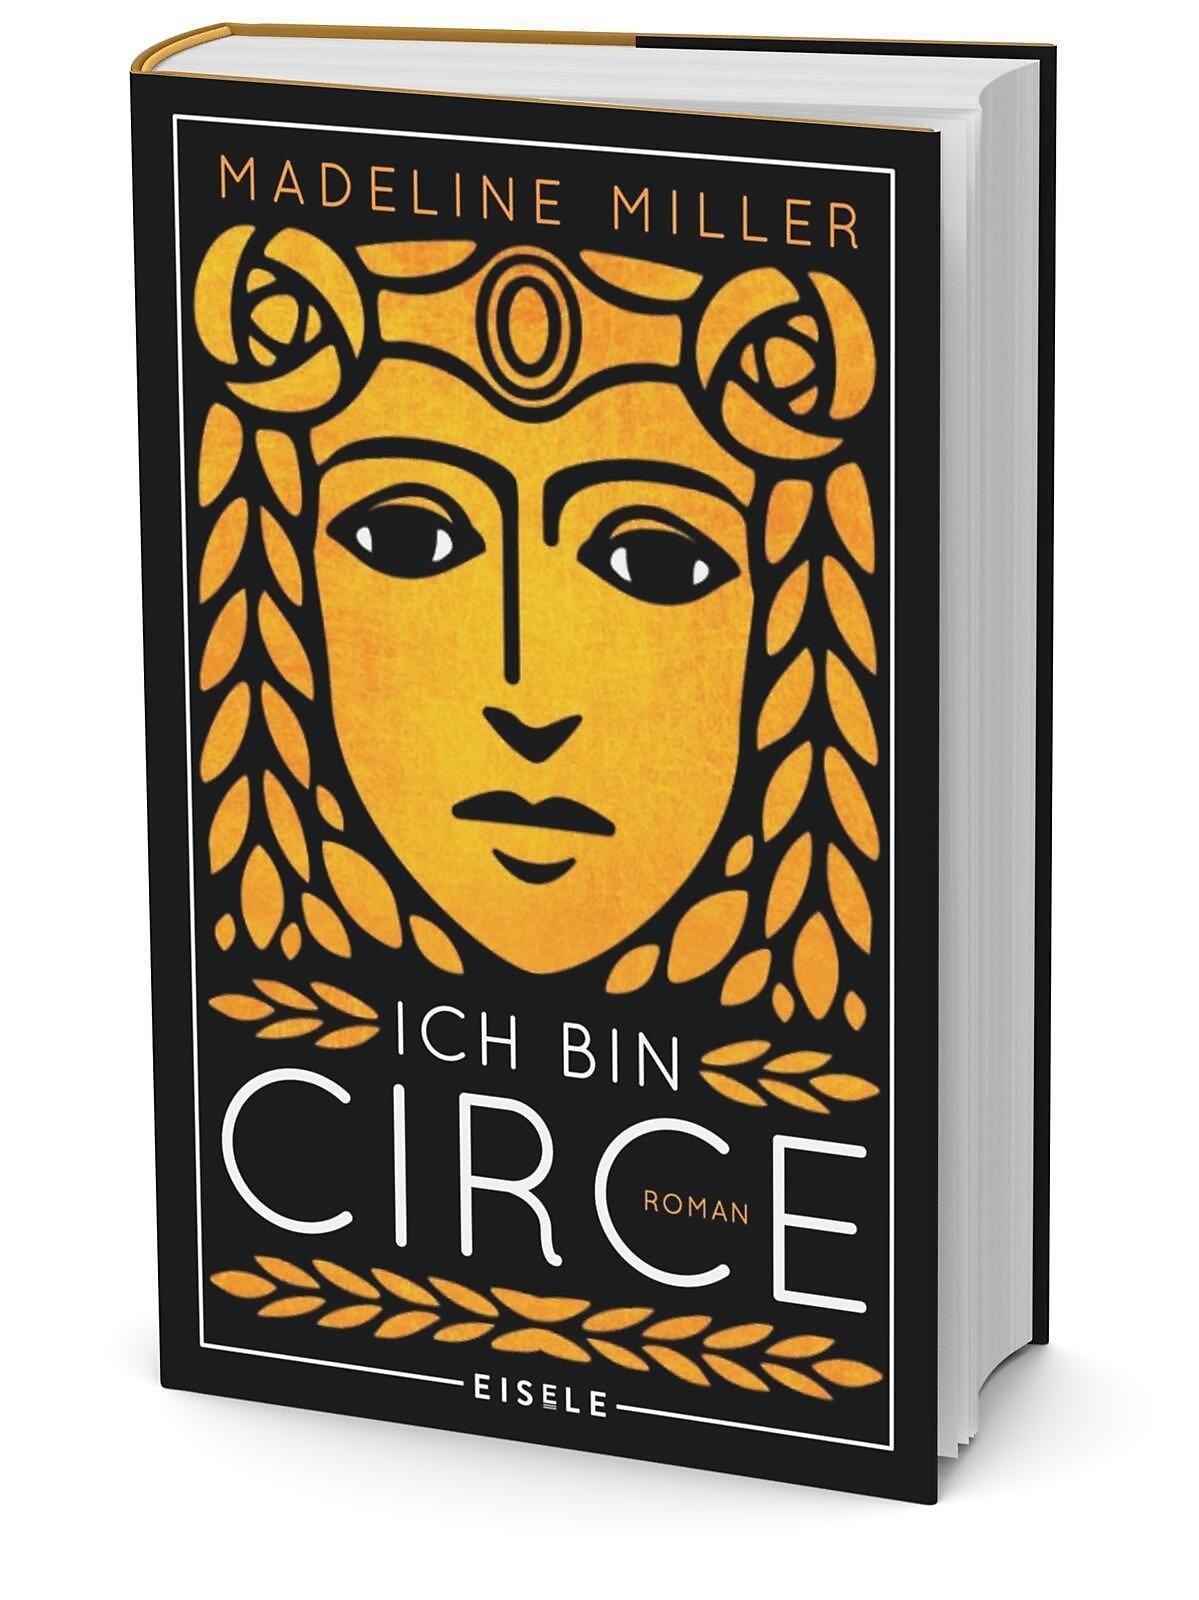 Buch circe Vorderseite_2